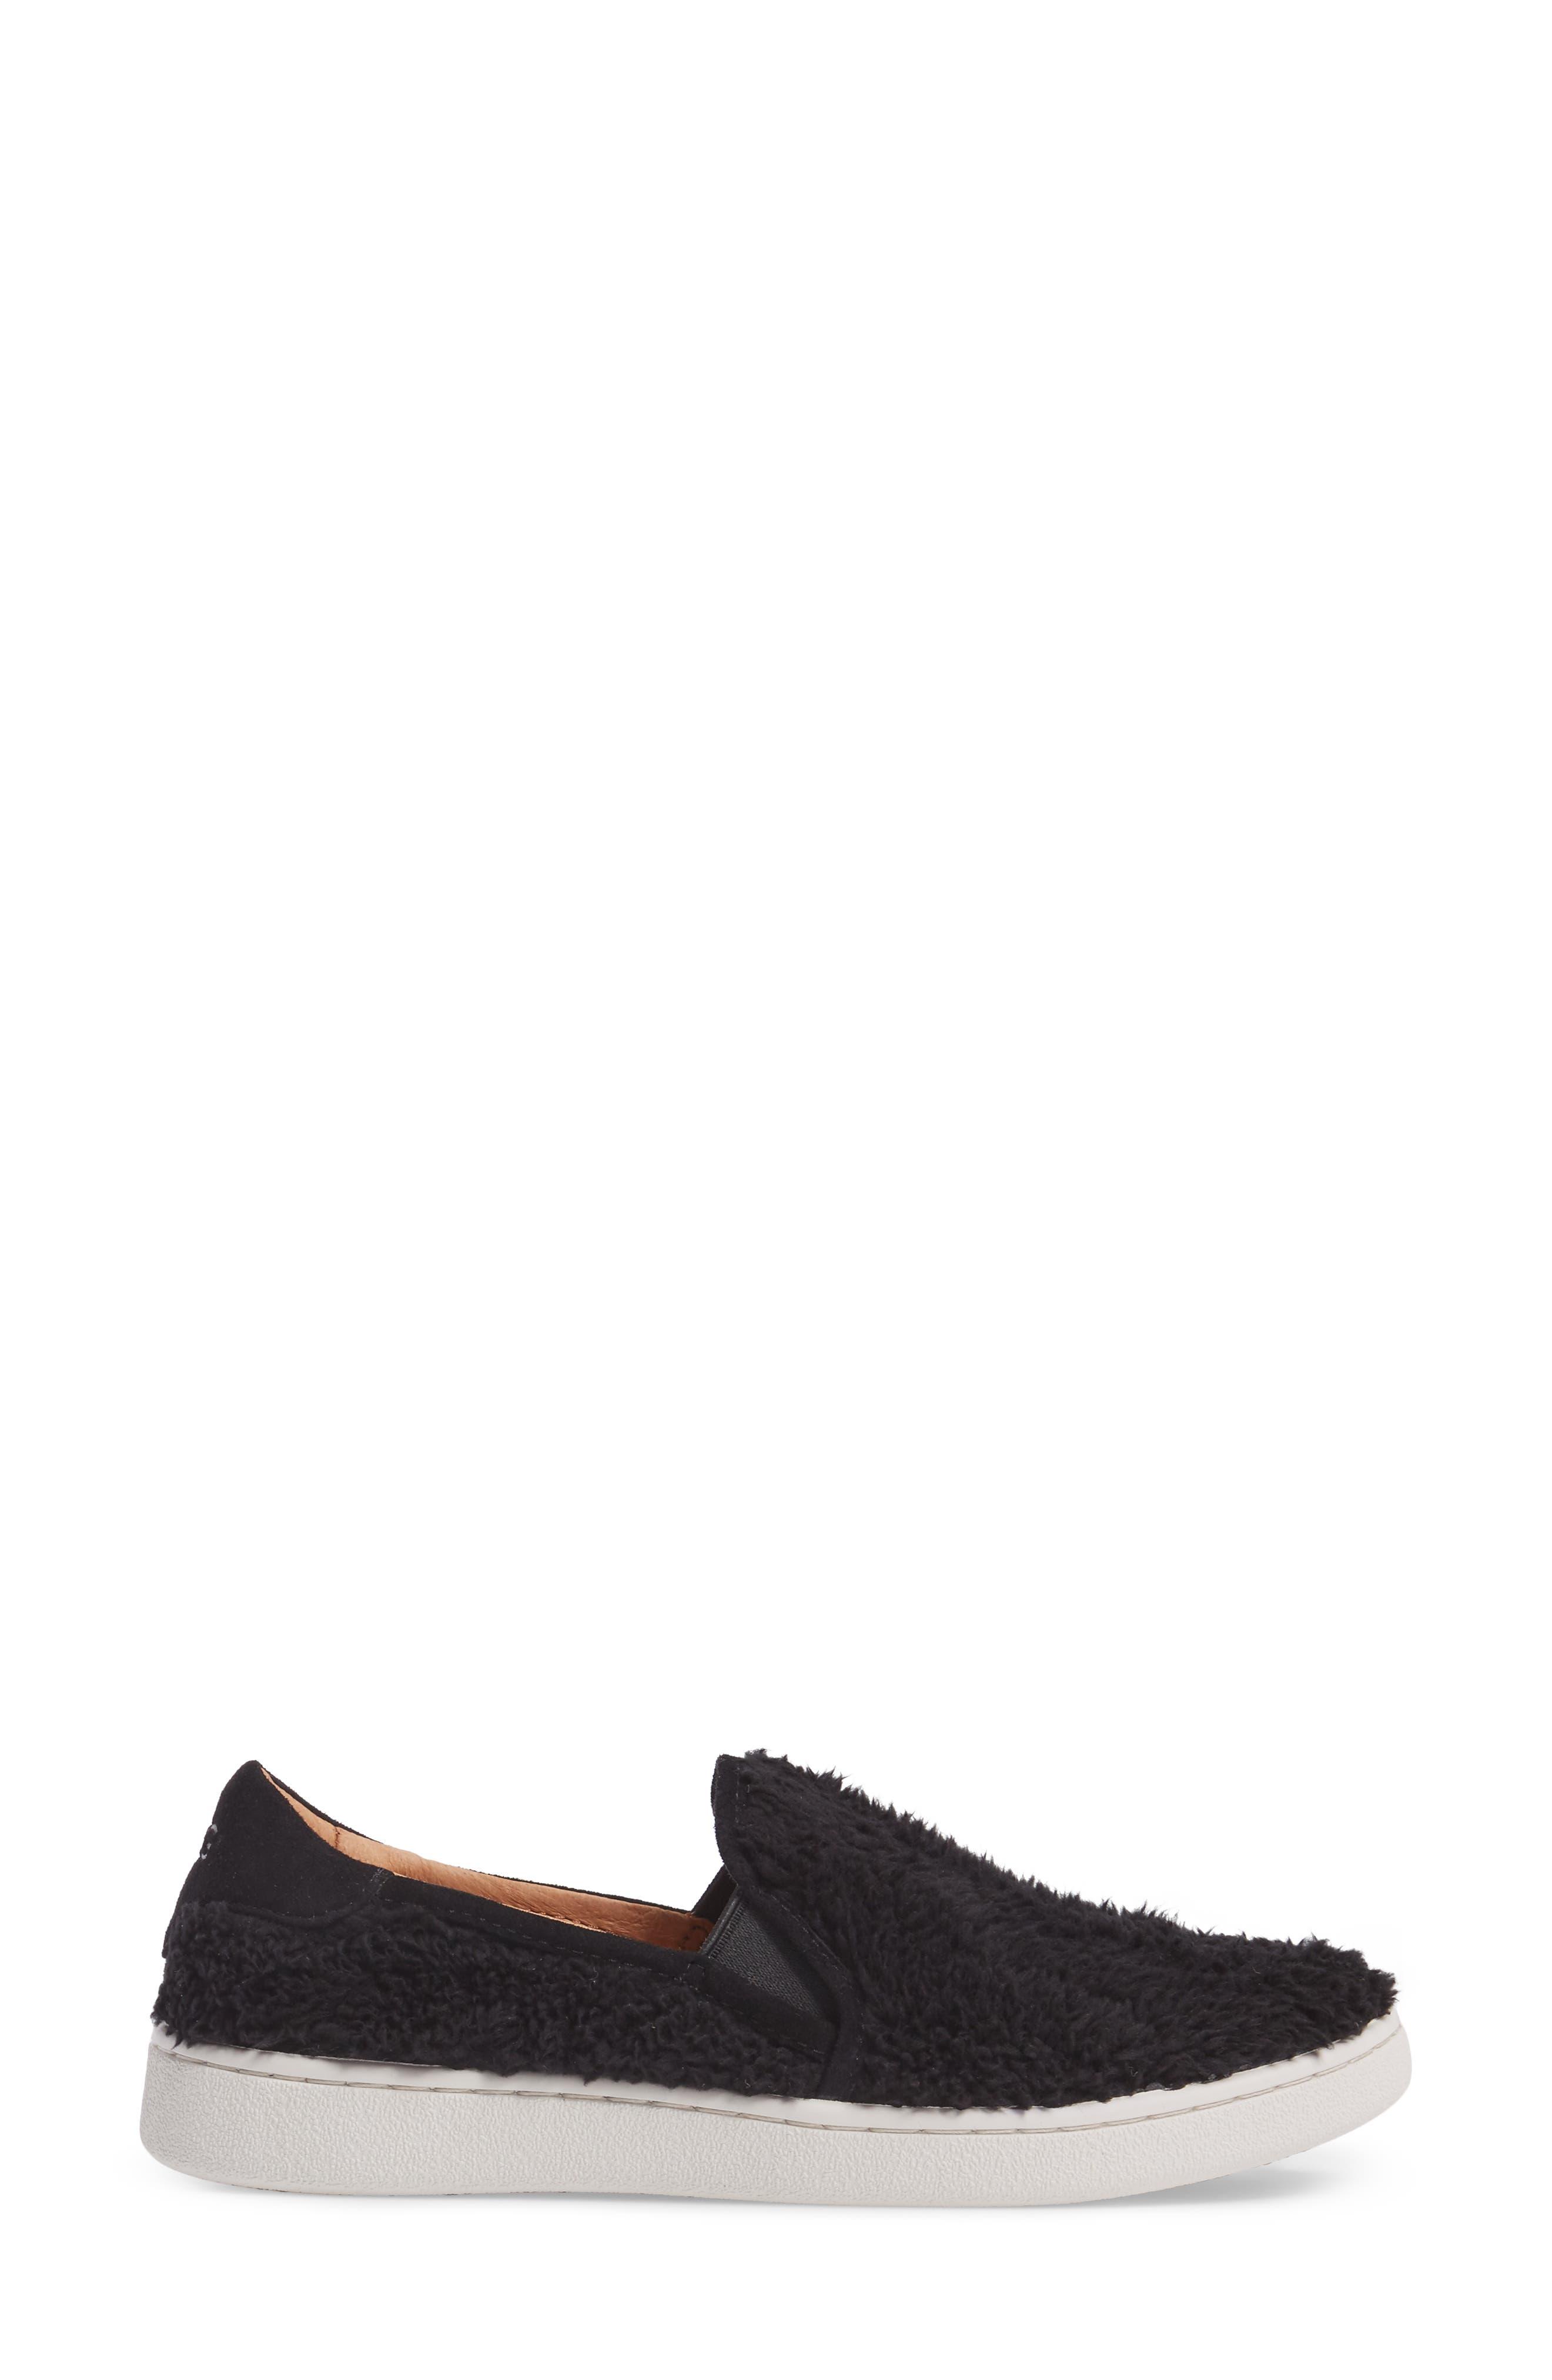 Ricci Plush Slip-On Sneaker,                             Alternate thumbnail 3, color,                             Black Fabric